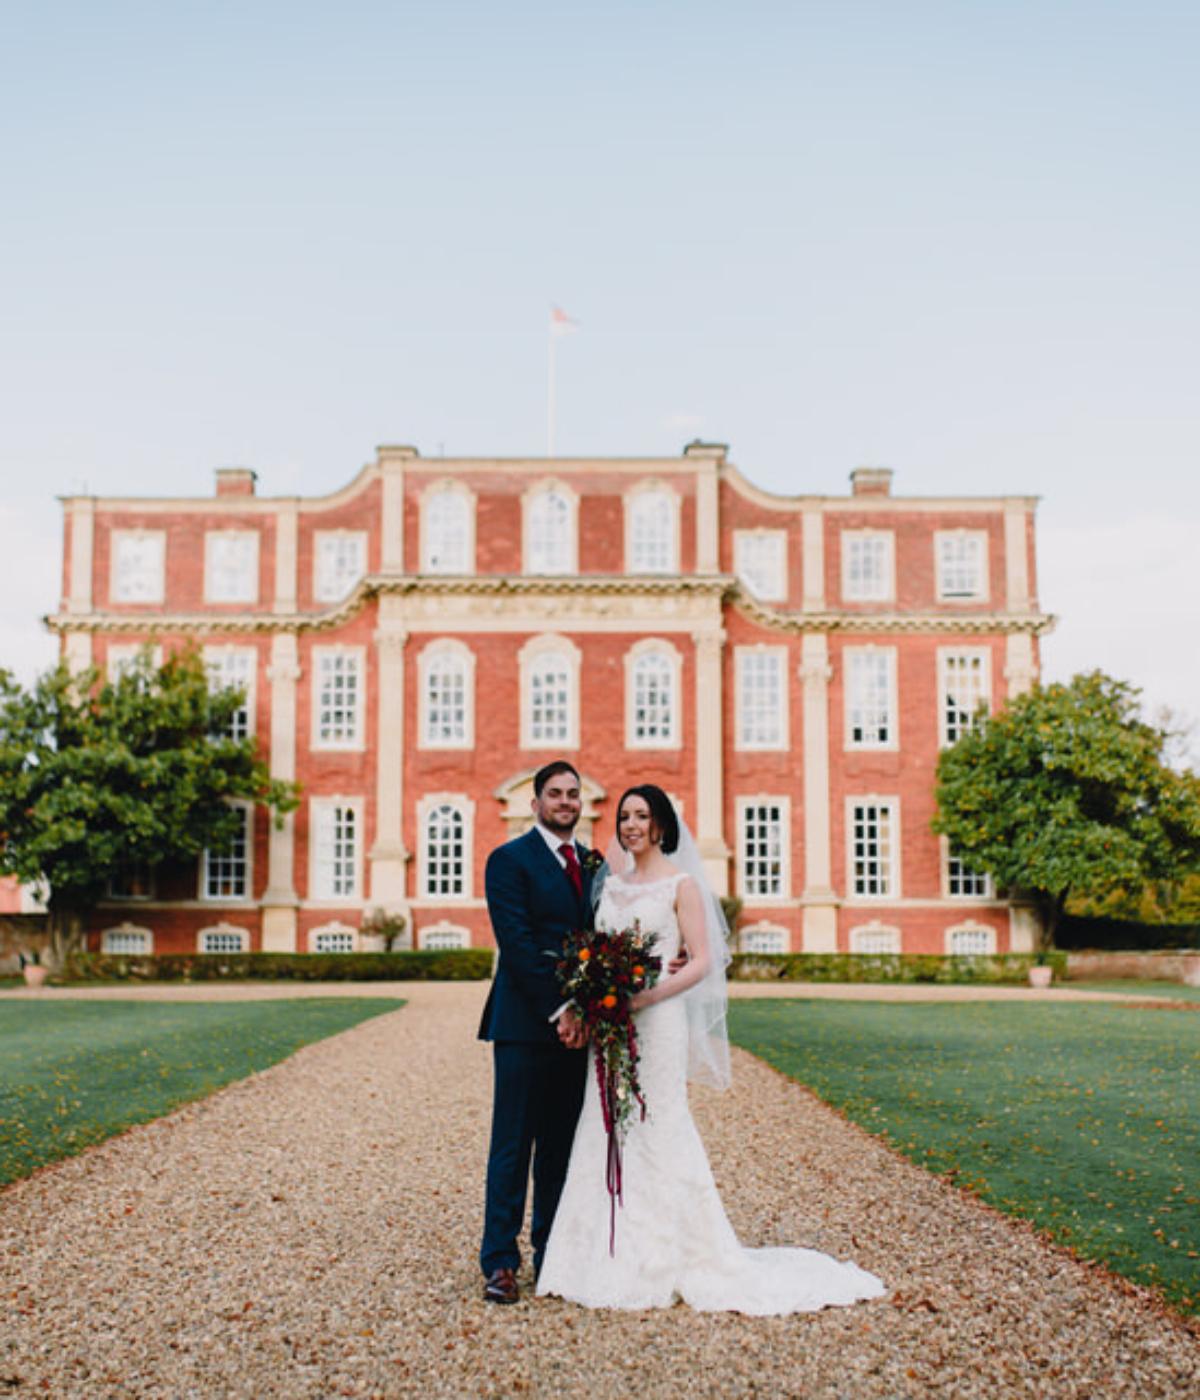 chicheley-hall-wedding-39of54